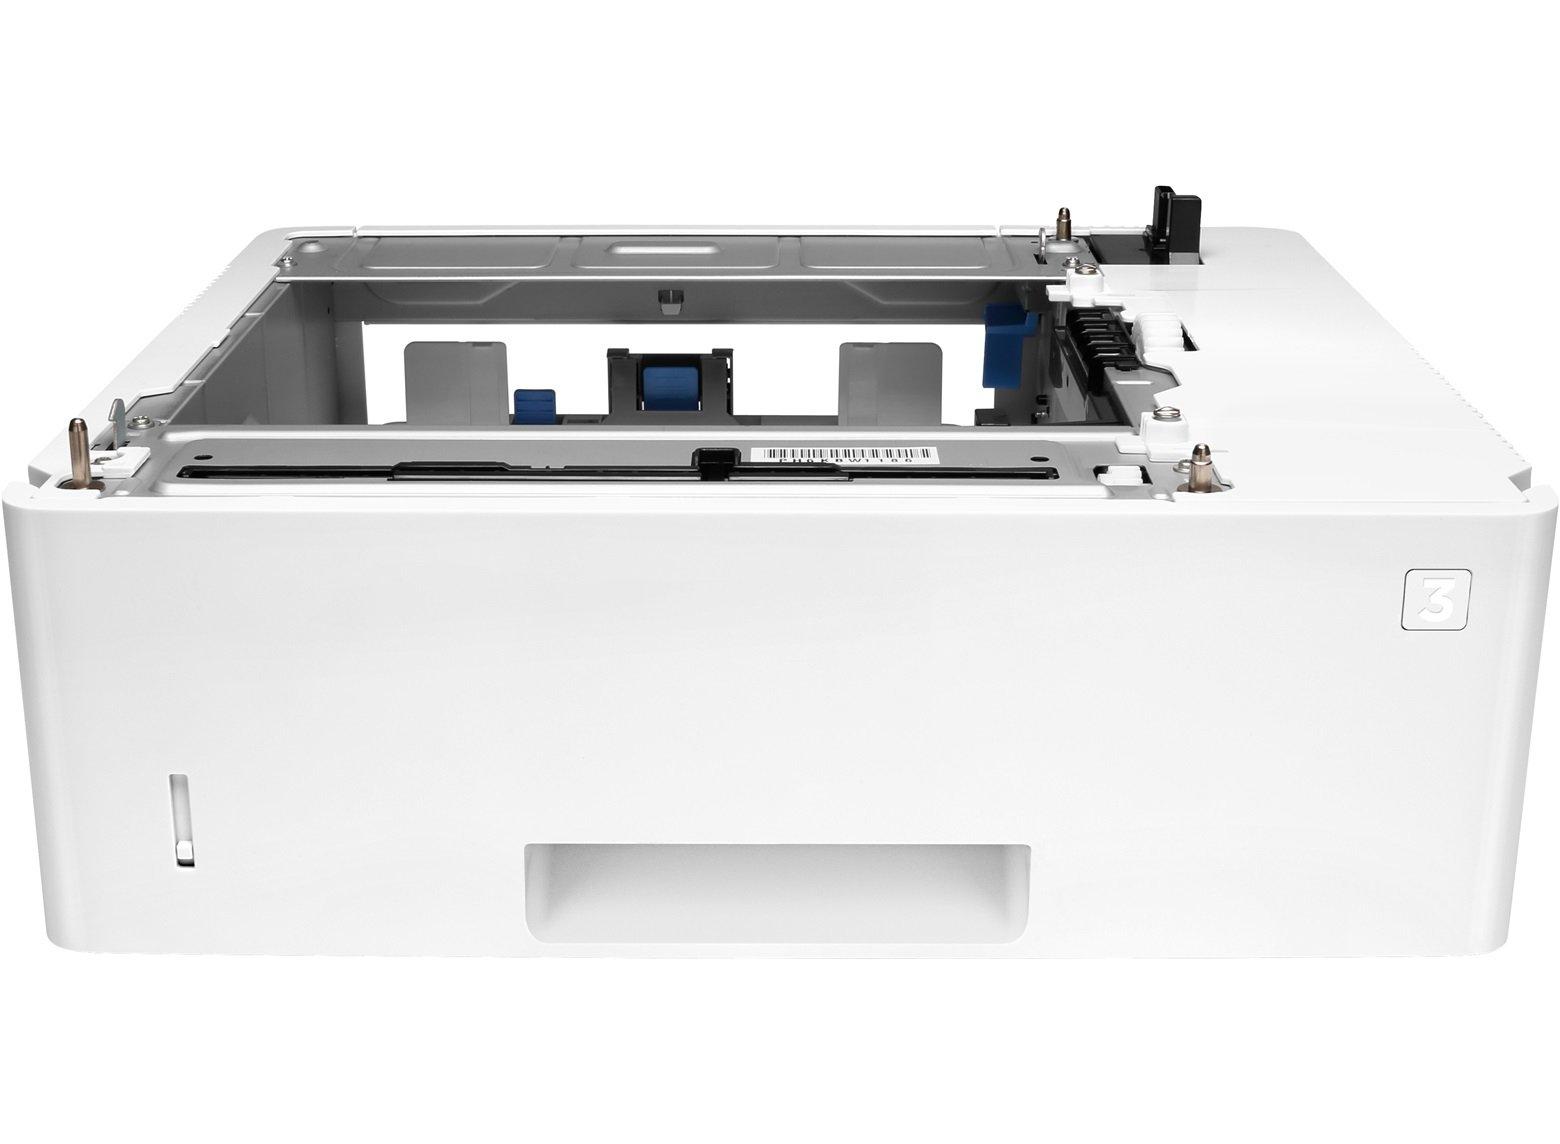 Hp Laserjet 550-sheet Paper Tray - 550 Sheet by HP